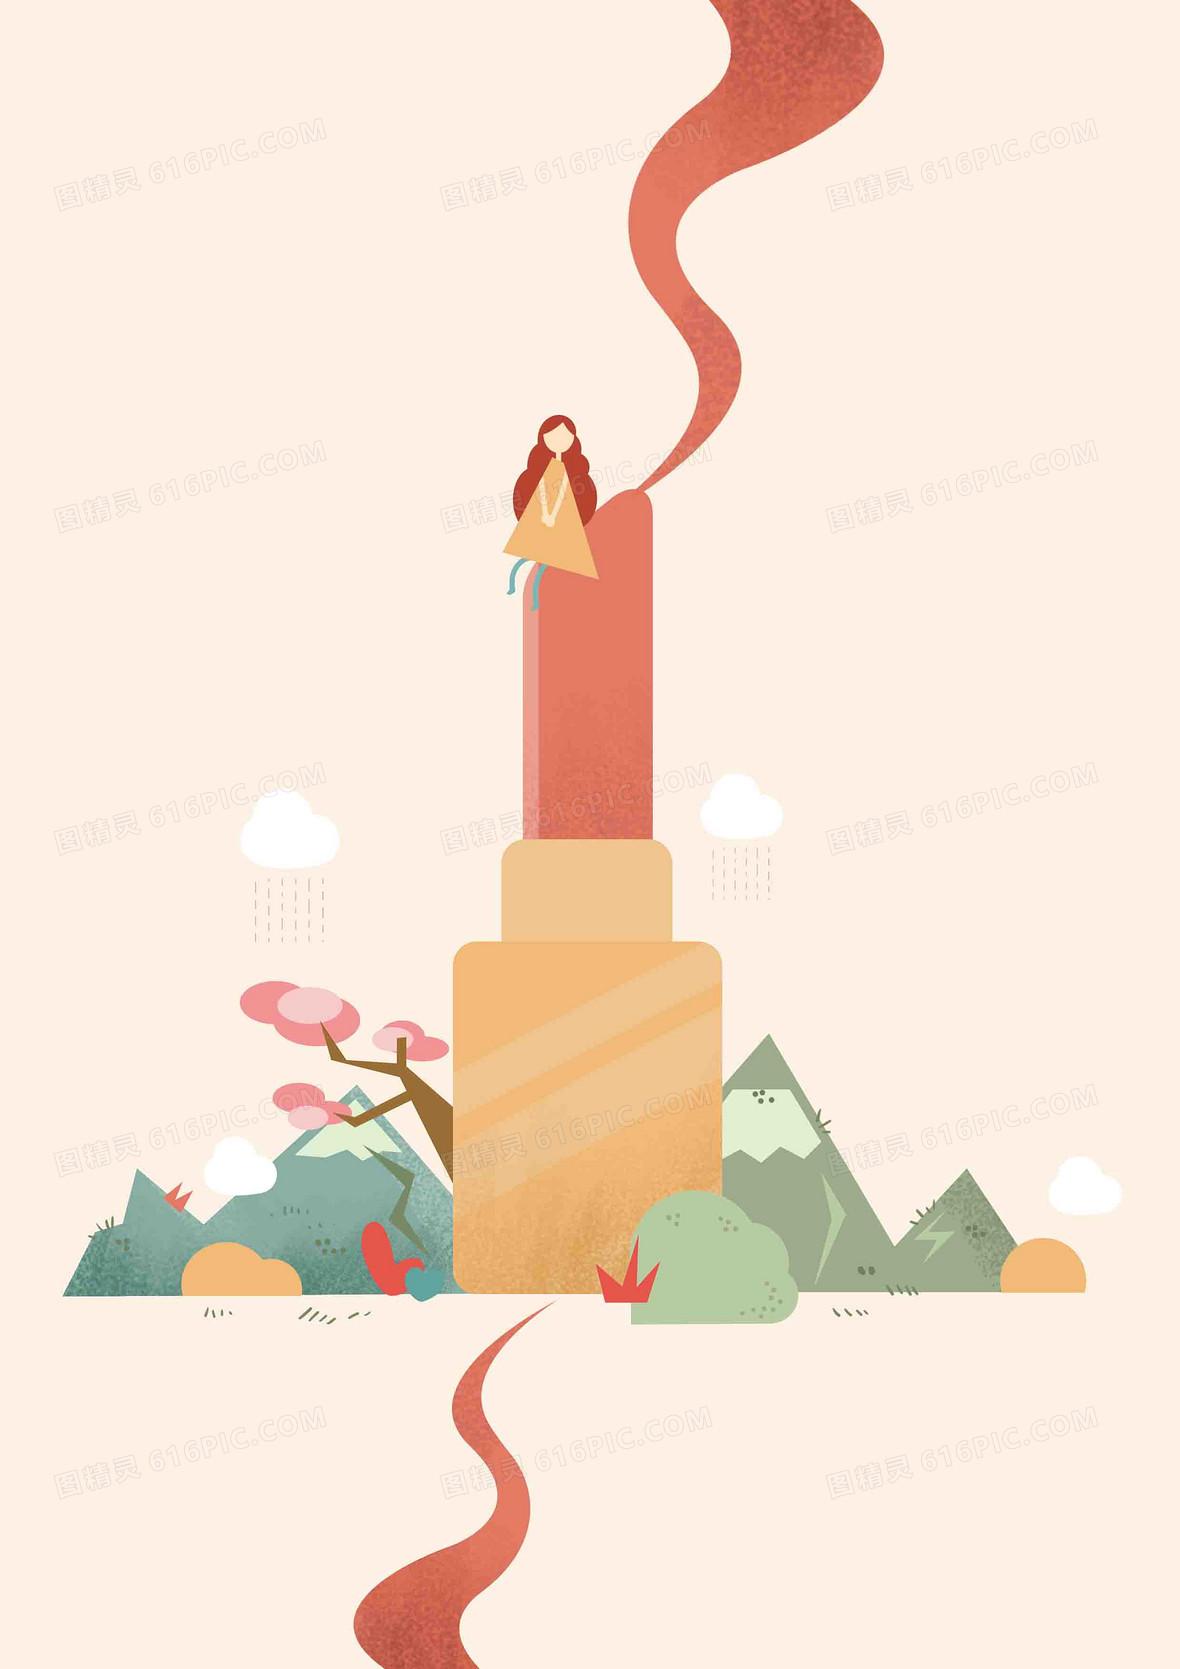 春運春節大氣喜慶手繪海報背景